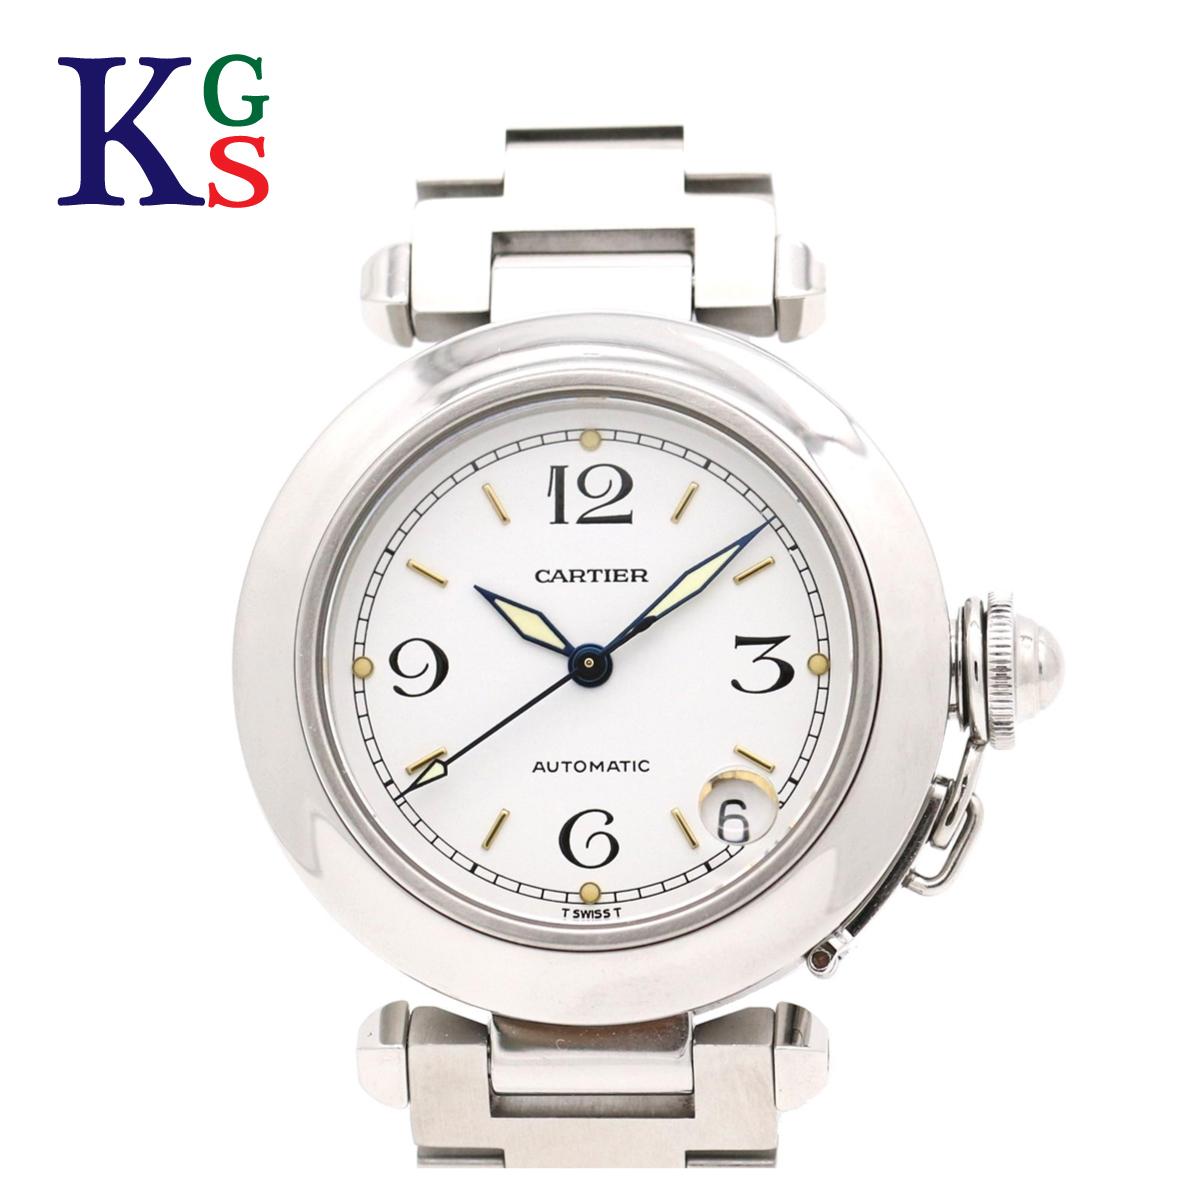 【ギフト品質】カルティエ/Cartier レディース メンズ 腕時計 パシャC スモールデイト ホワイト文字盤 自動巻き W31015M7